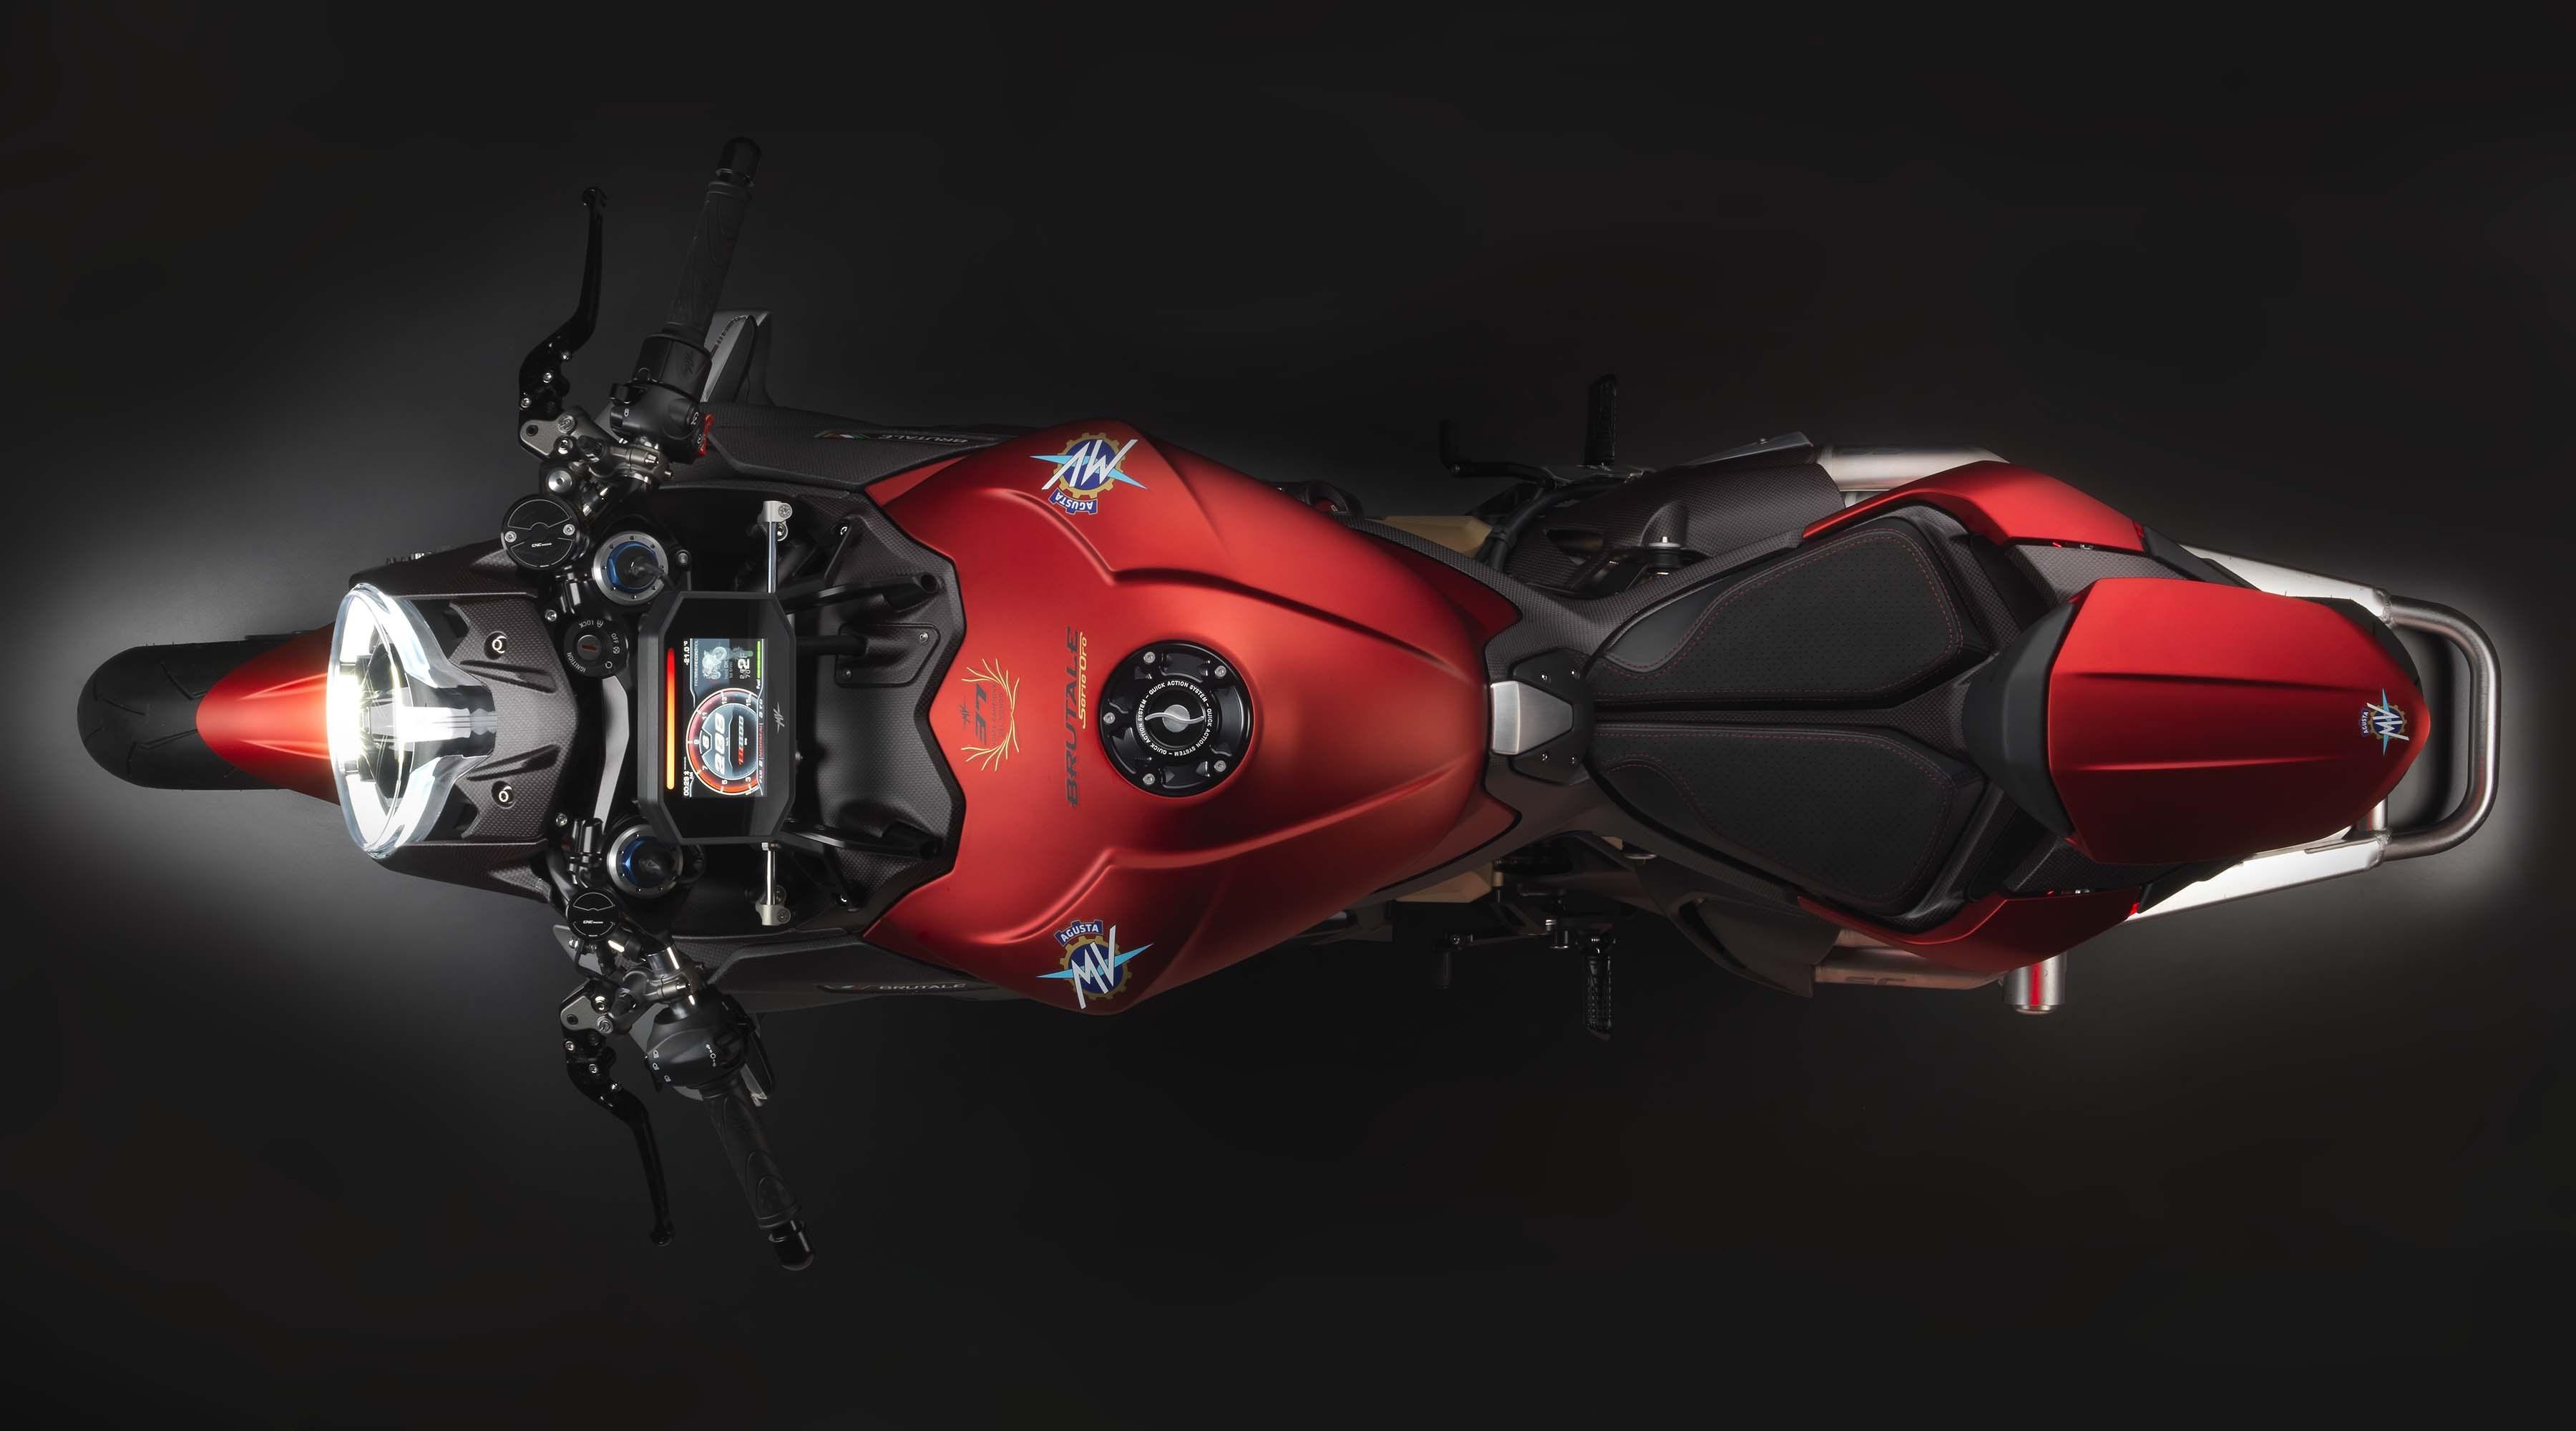 2019-MV-Agusta-Brutale-1000-Serie-Oro-09.jpg